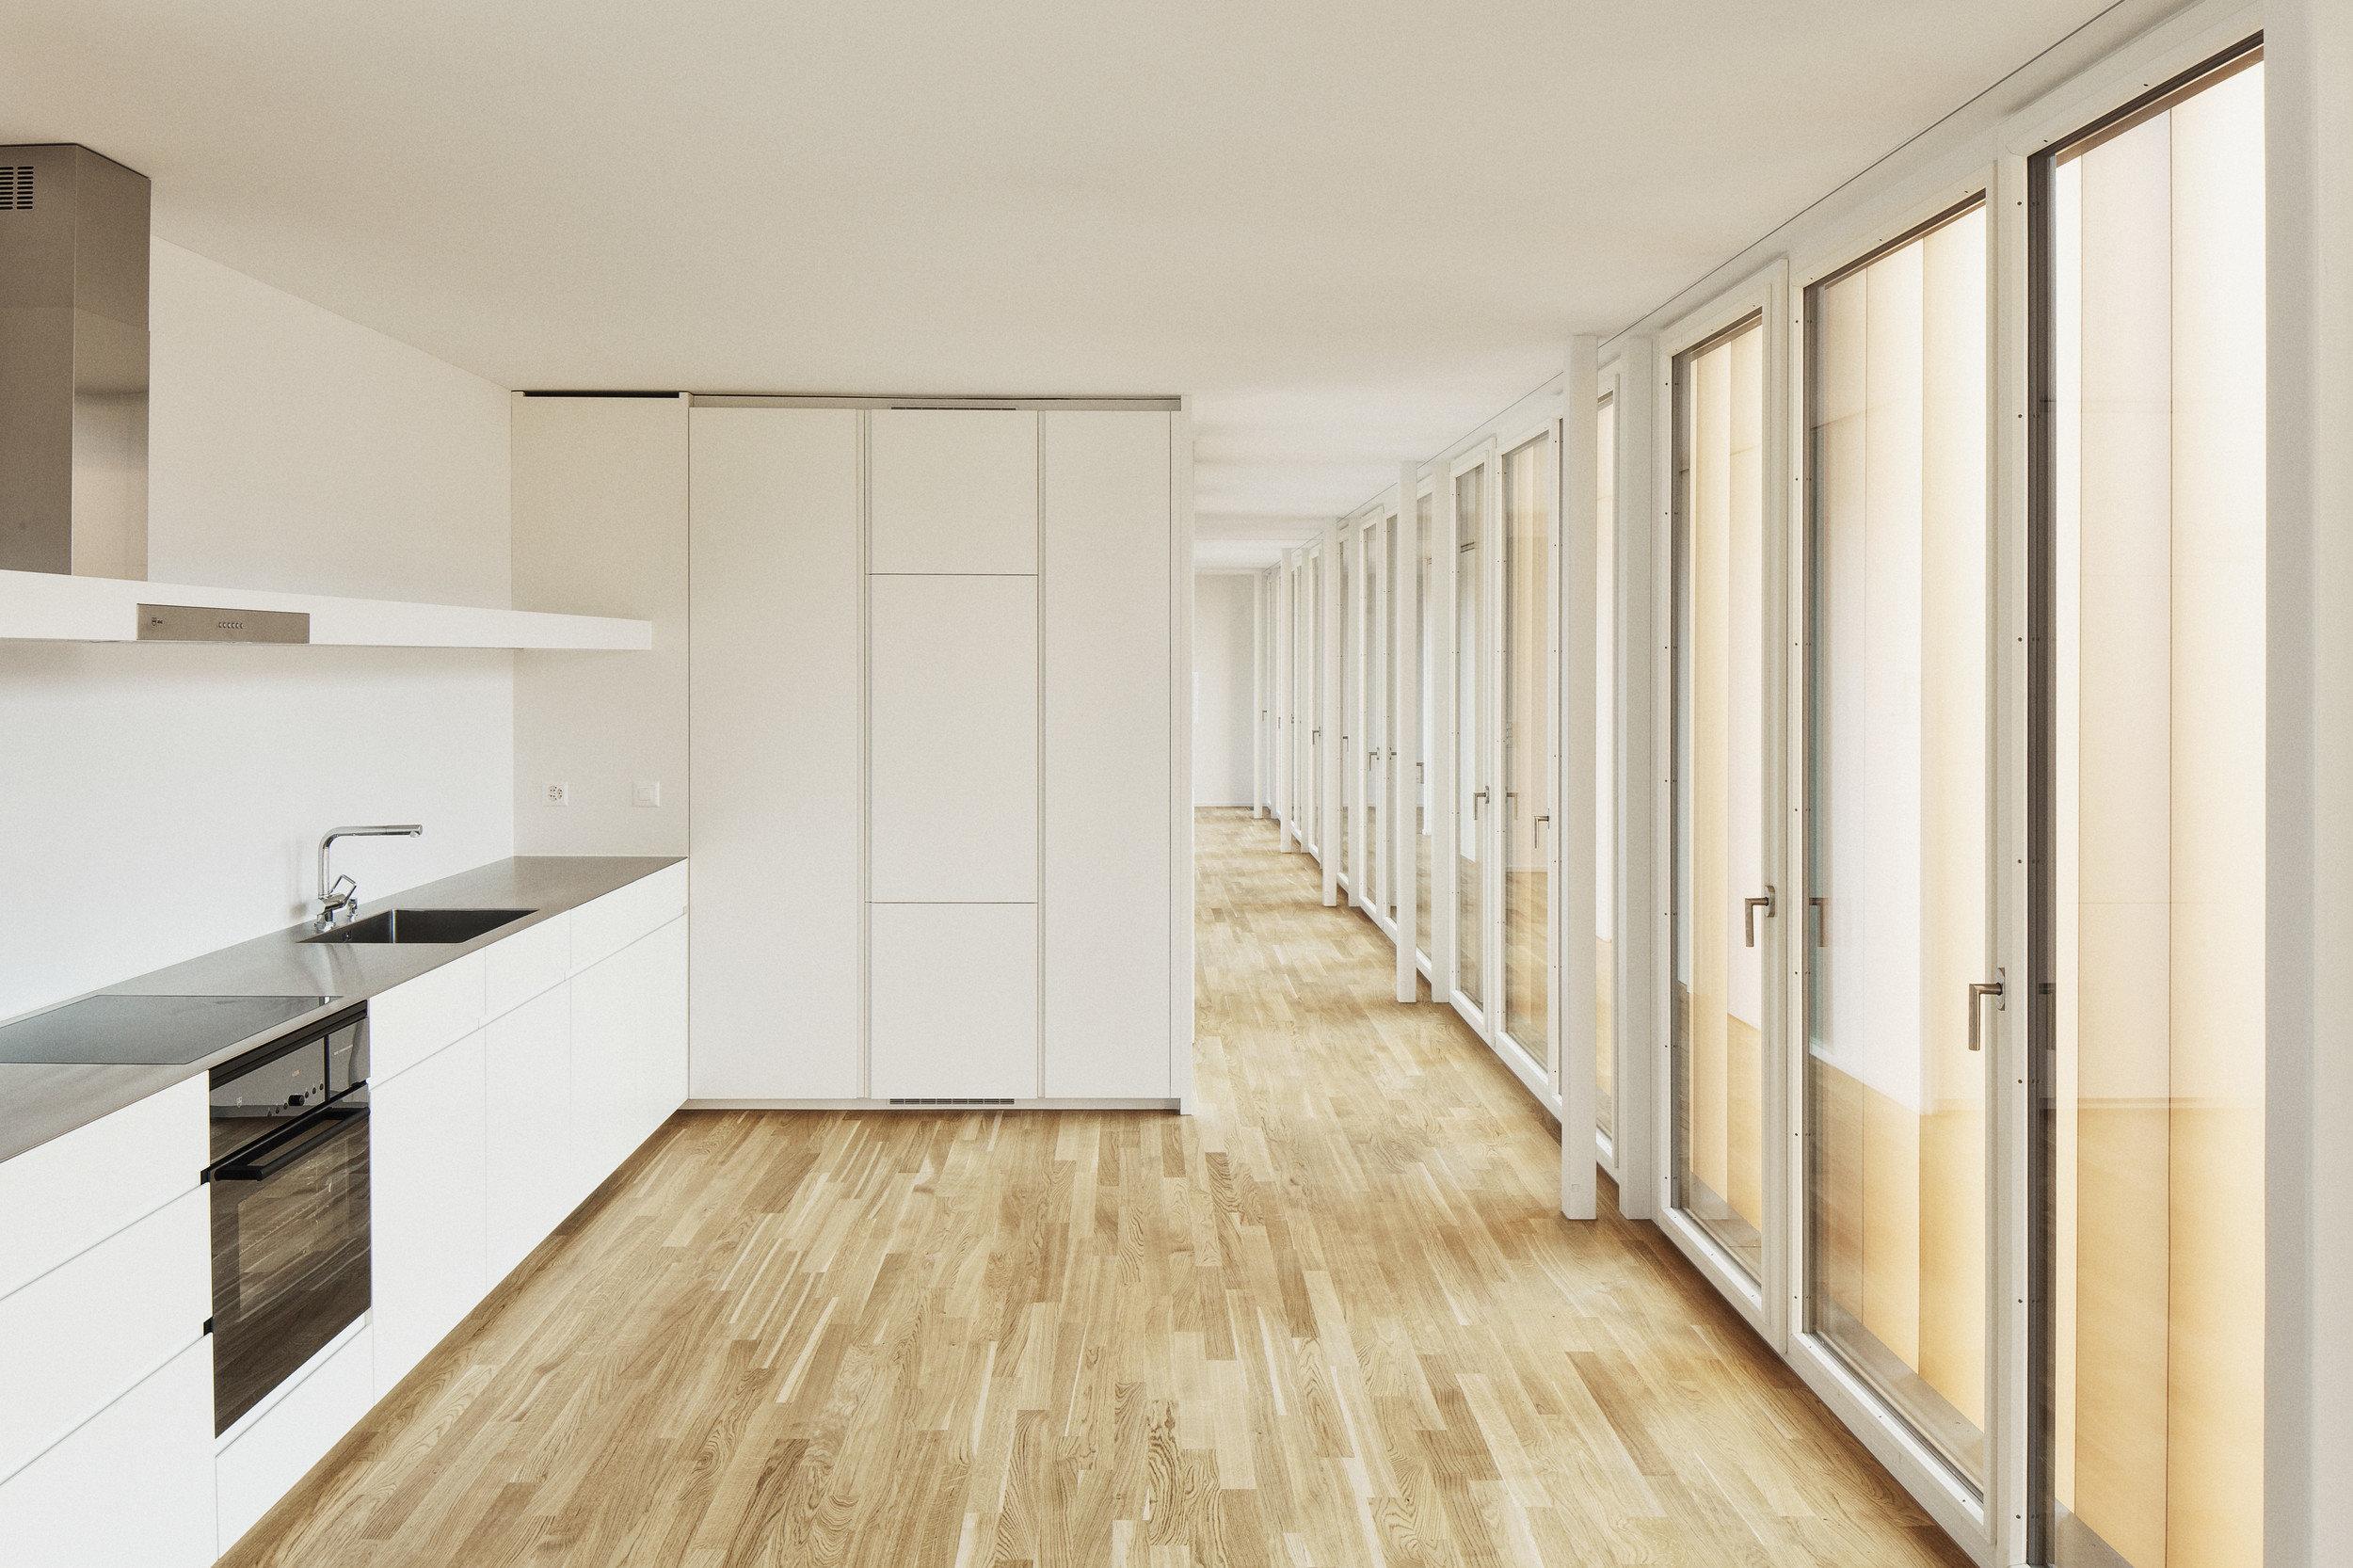 Lichtdurchflutete Küche durch grosse Einflügelfenster in Holz-Metall